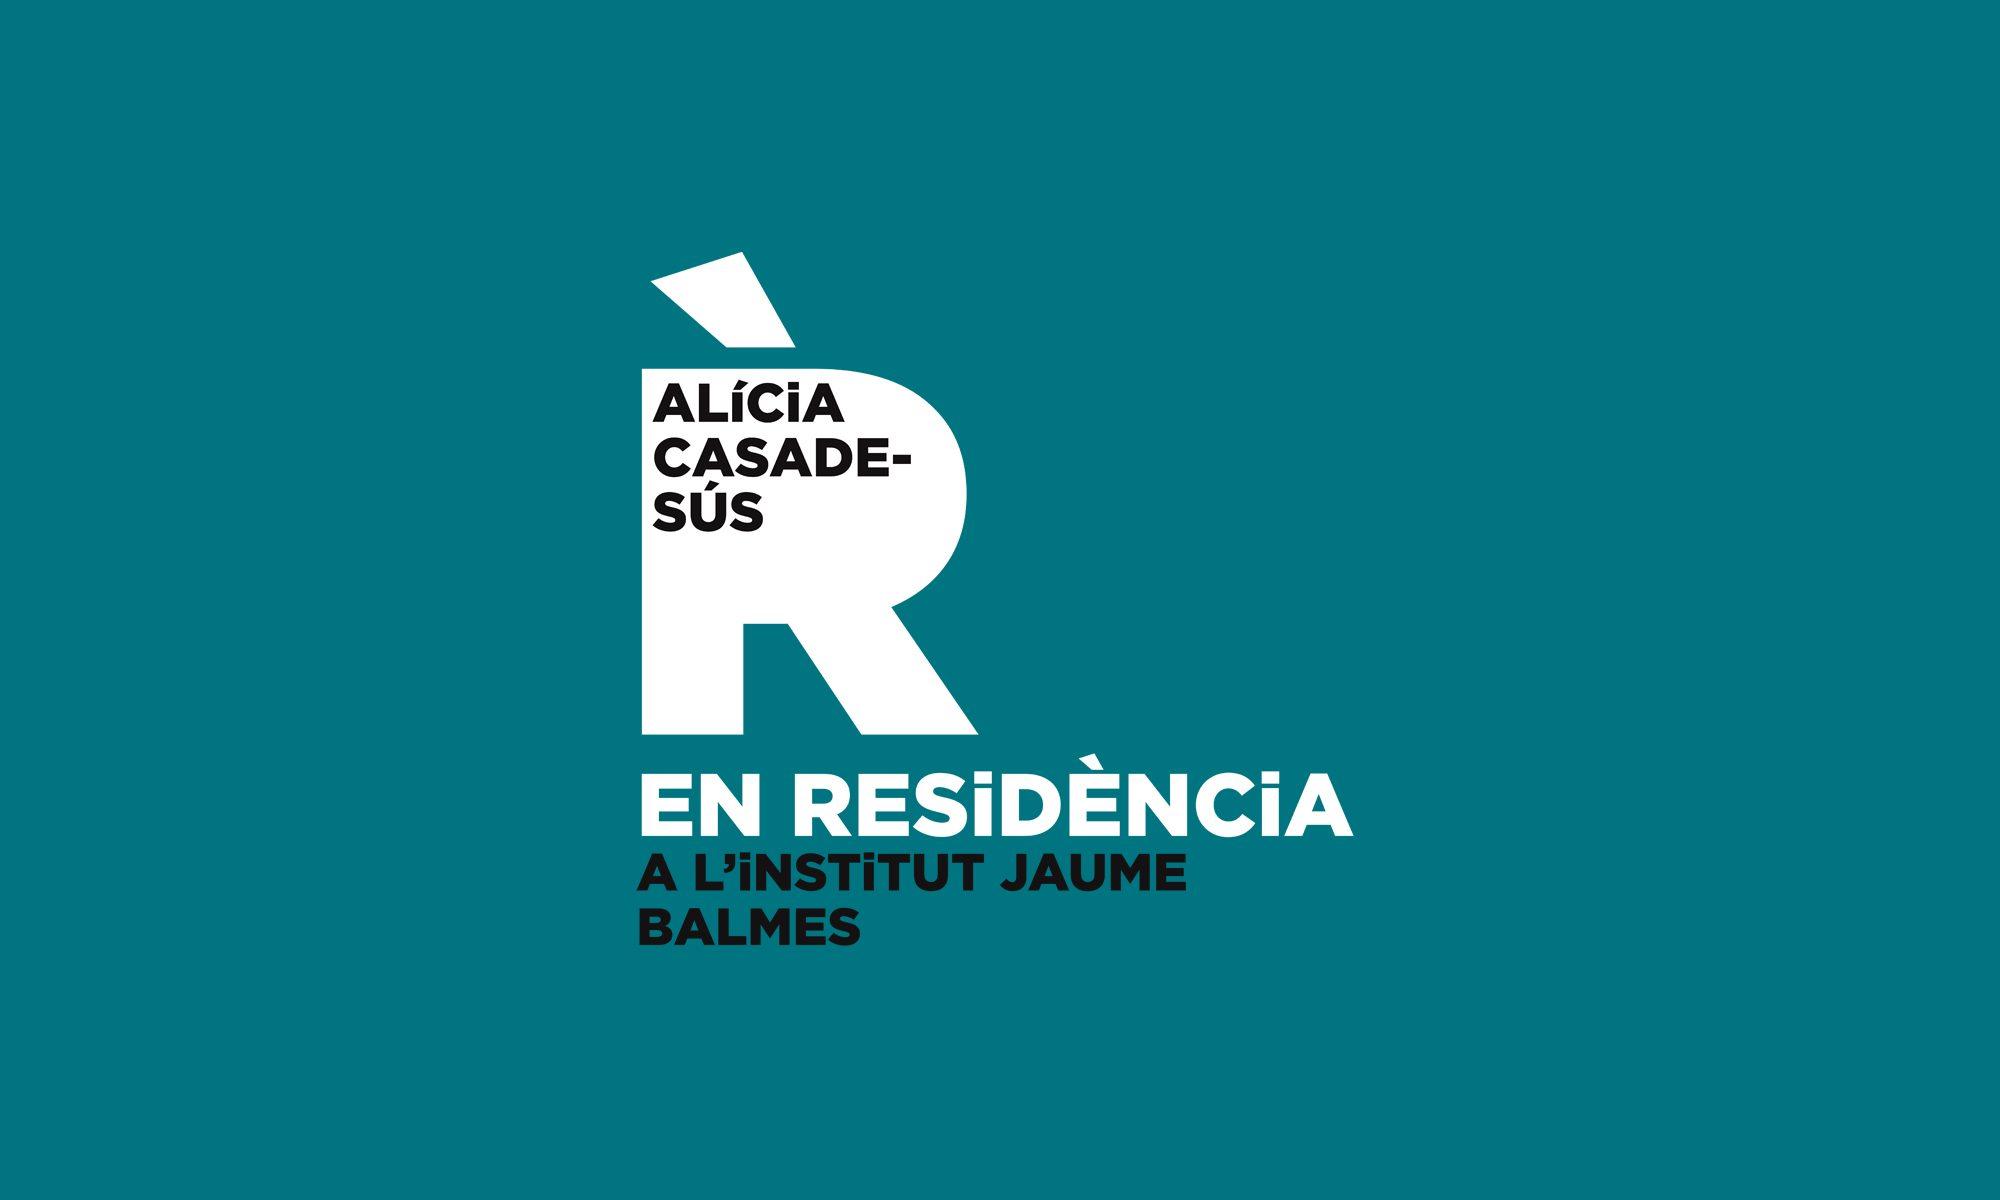 Alícia Casadesús EN RESiDÈNCiA al Jaume Balmes